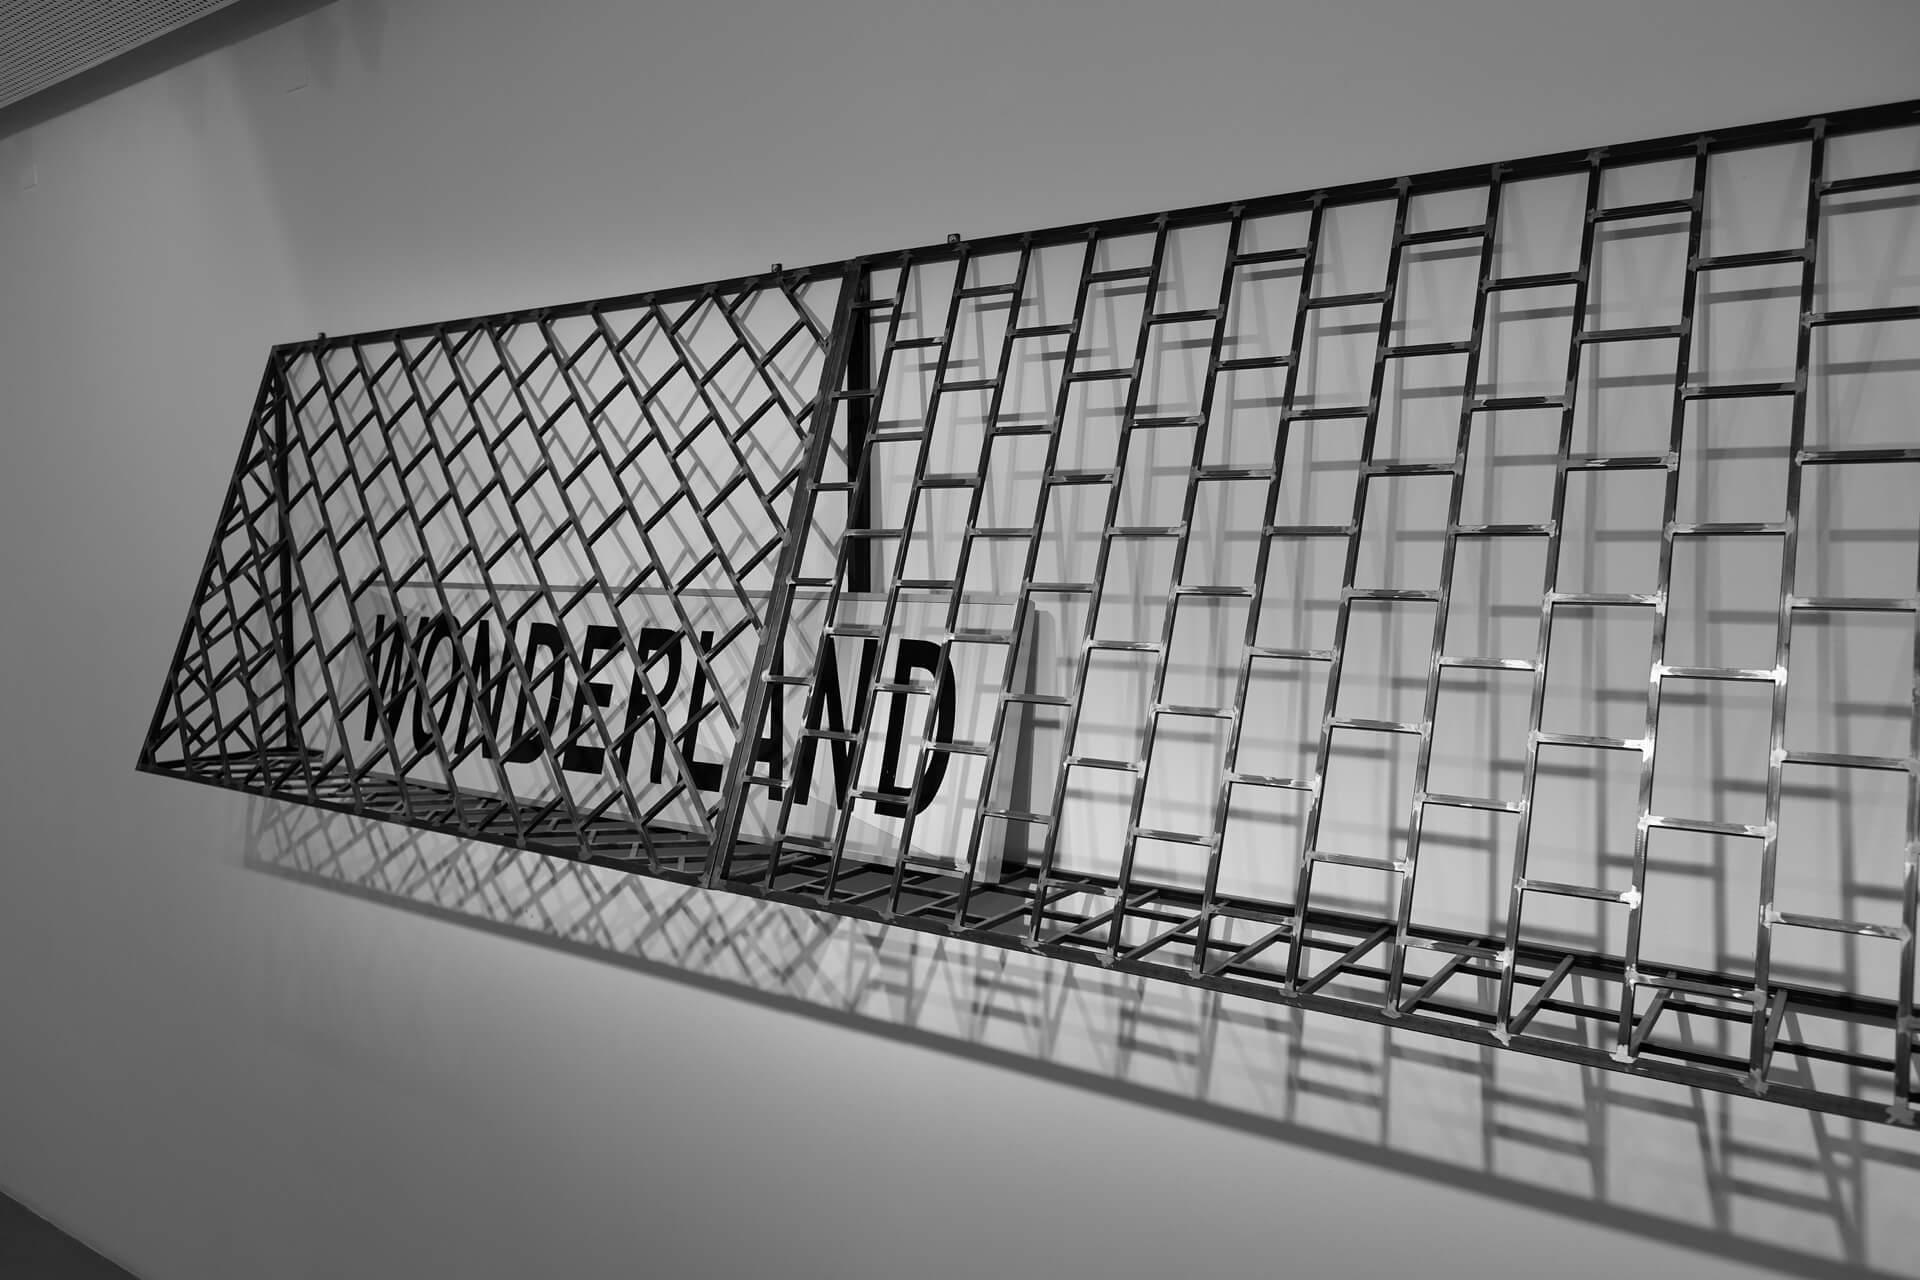 Wonderland, Biennale d'arte Venezia, pavillon d'Israele